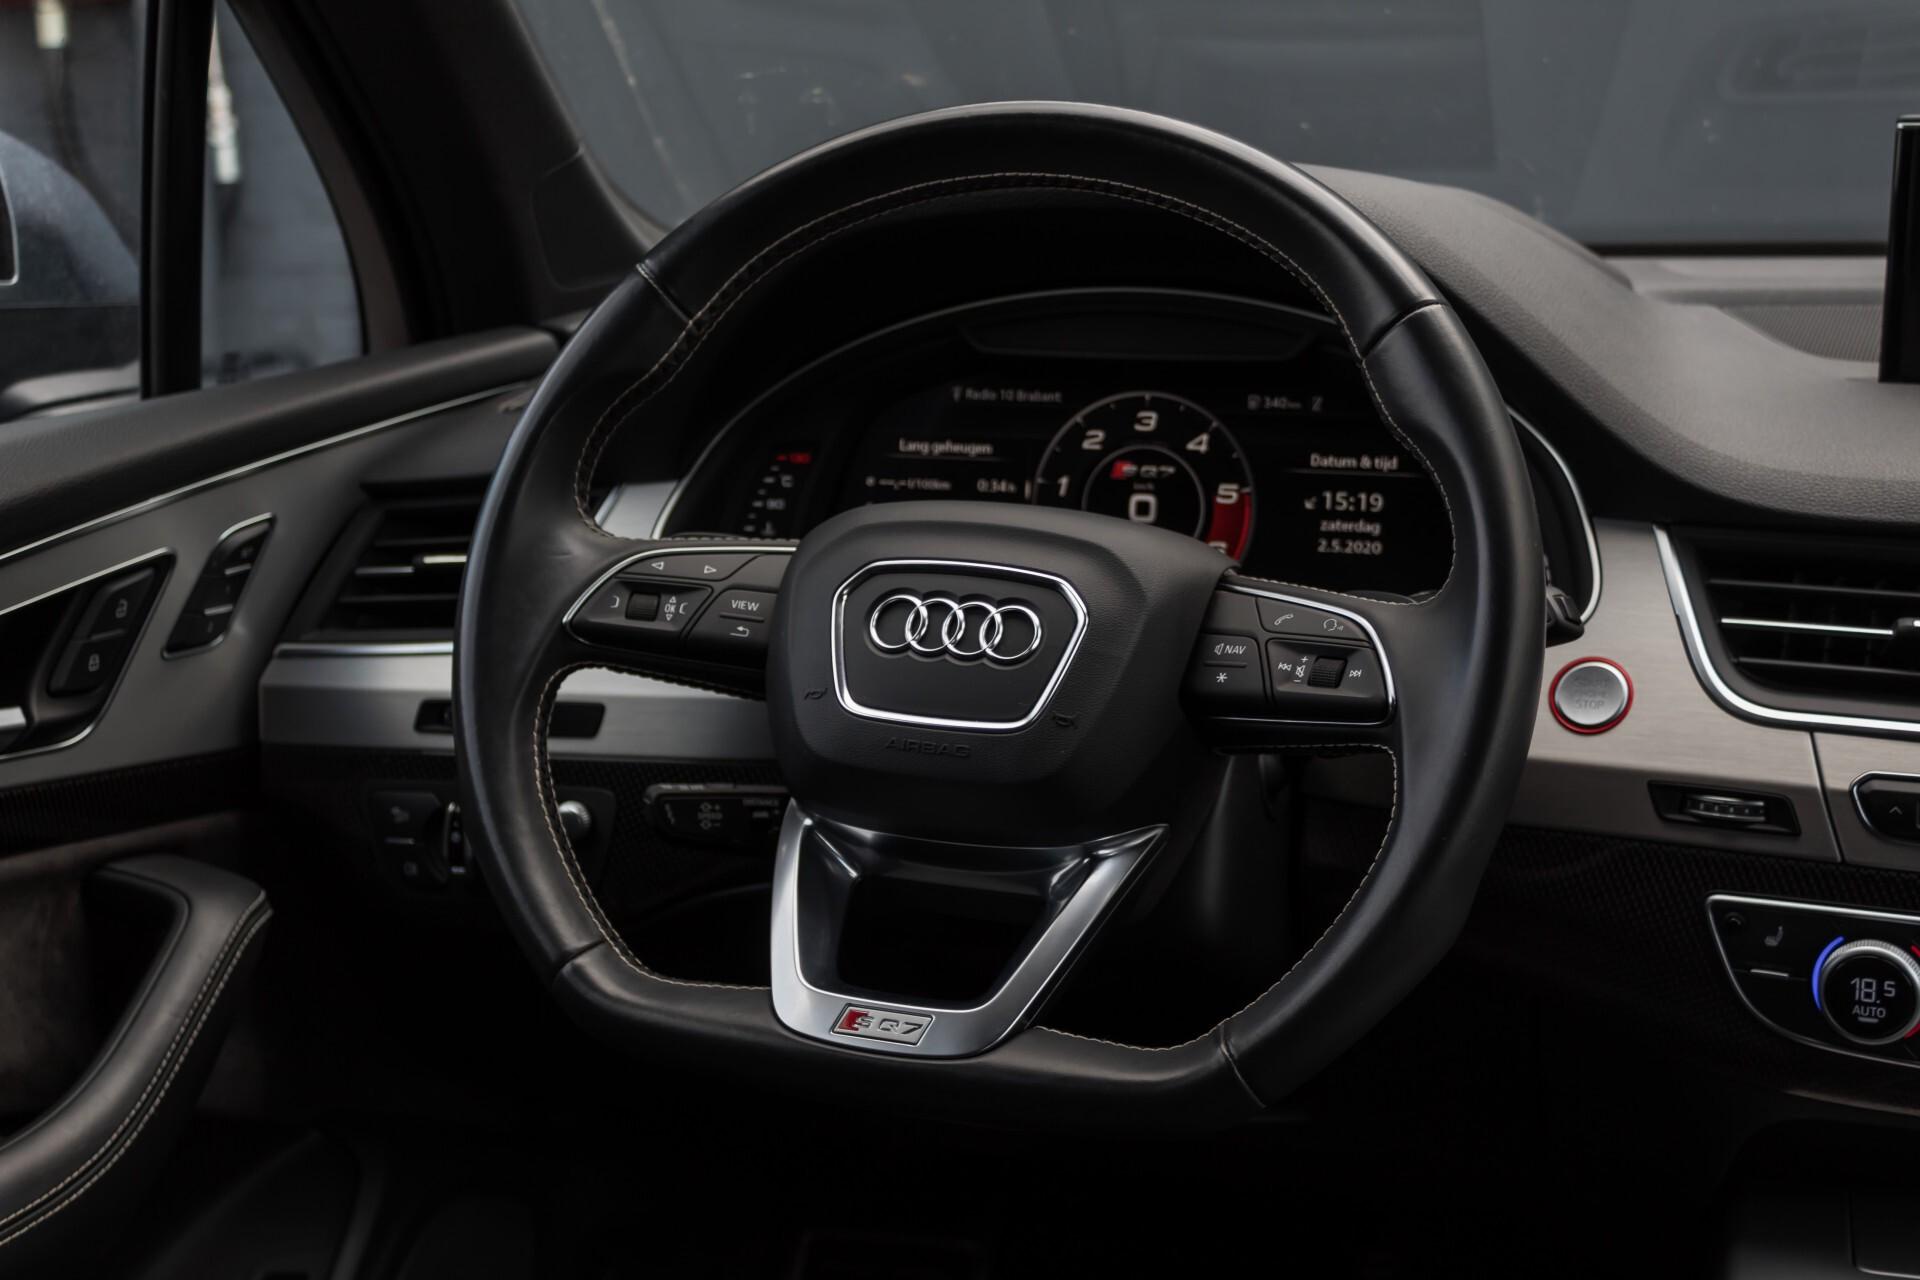 Audi SQ7 4.0 TDI 435pk Quattro Full Options Grijs Kenteken Aut8 Foto 7